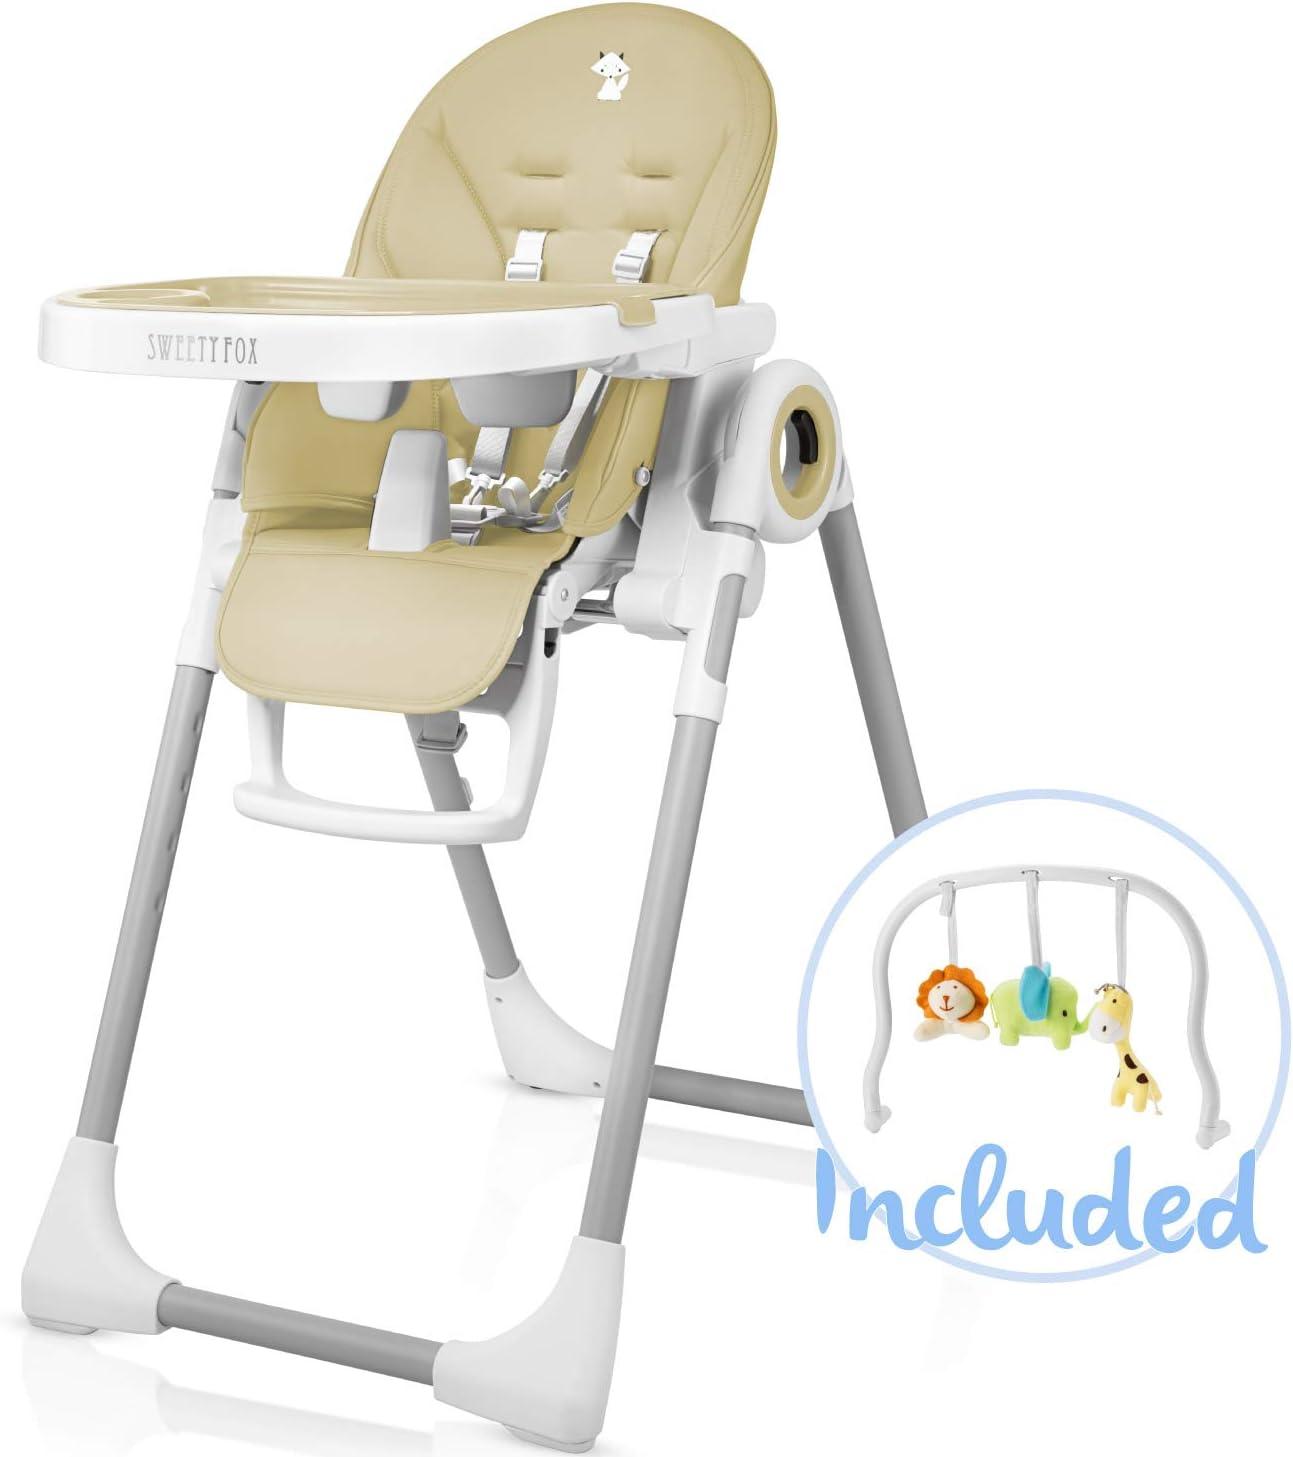 Chaise Haute pour Bebe Evolutive, Reglable et Pliable 7 Hauteurs Différentes, Dossier Enfant Inclinable 5 Positions, Tablette Amovible, Plateau